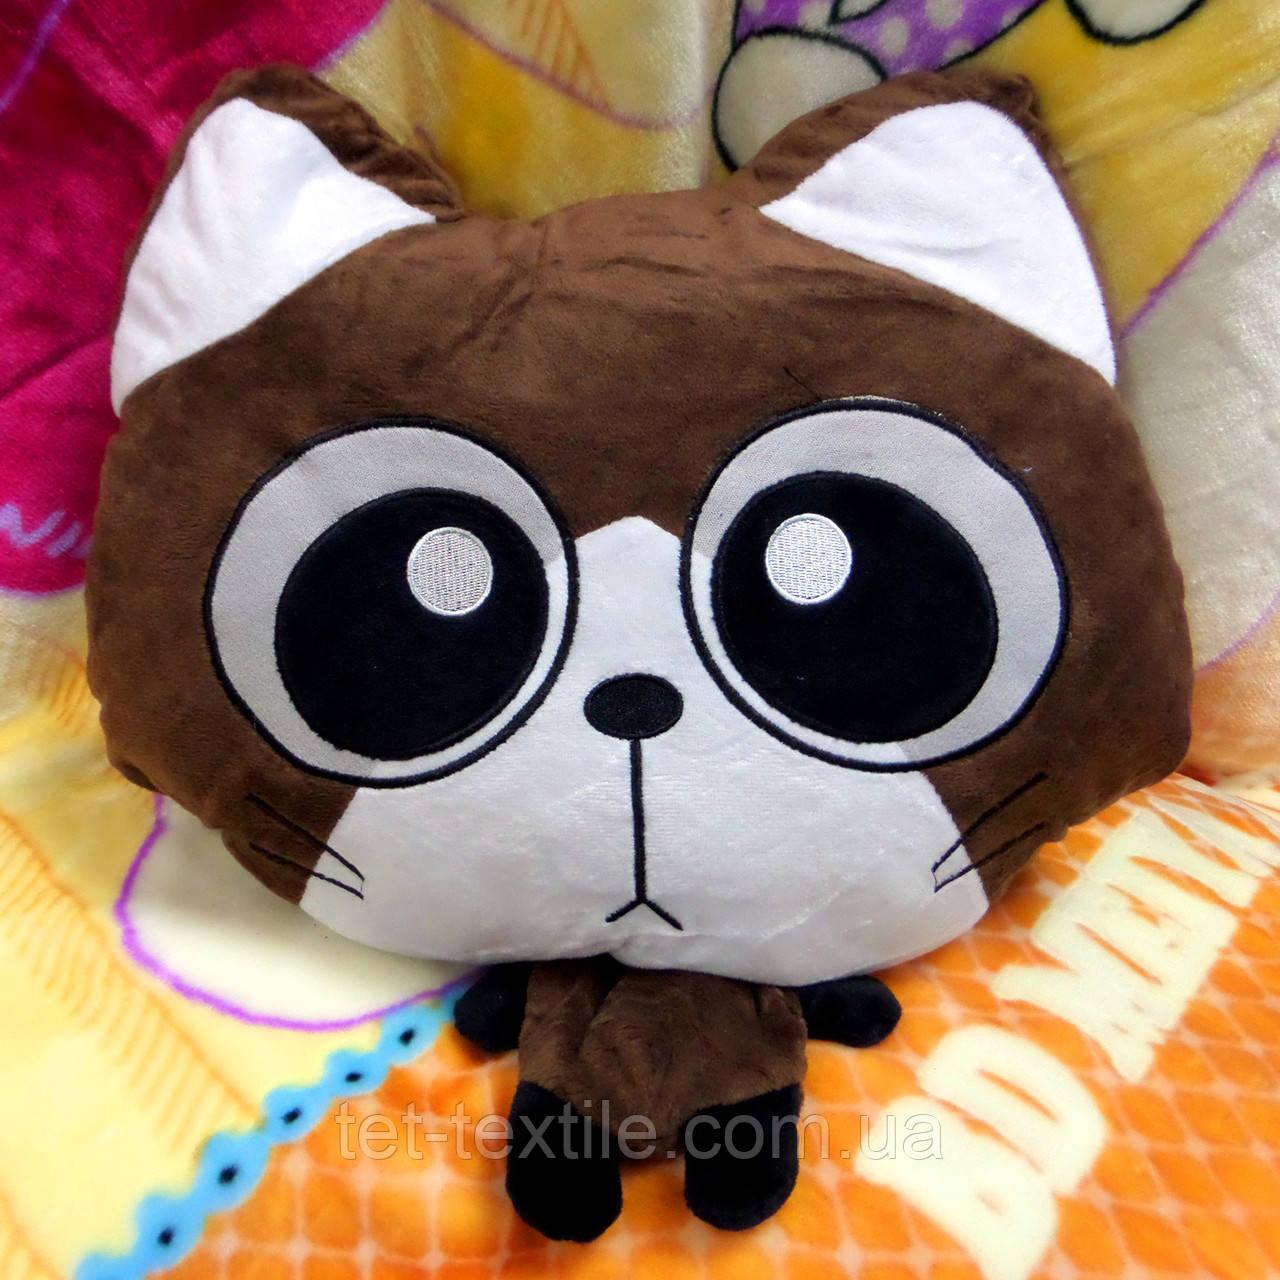 Плед - мягкая игрушка 3 в 1 (Котик коричневый)